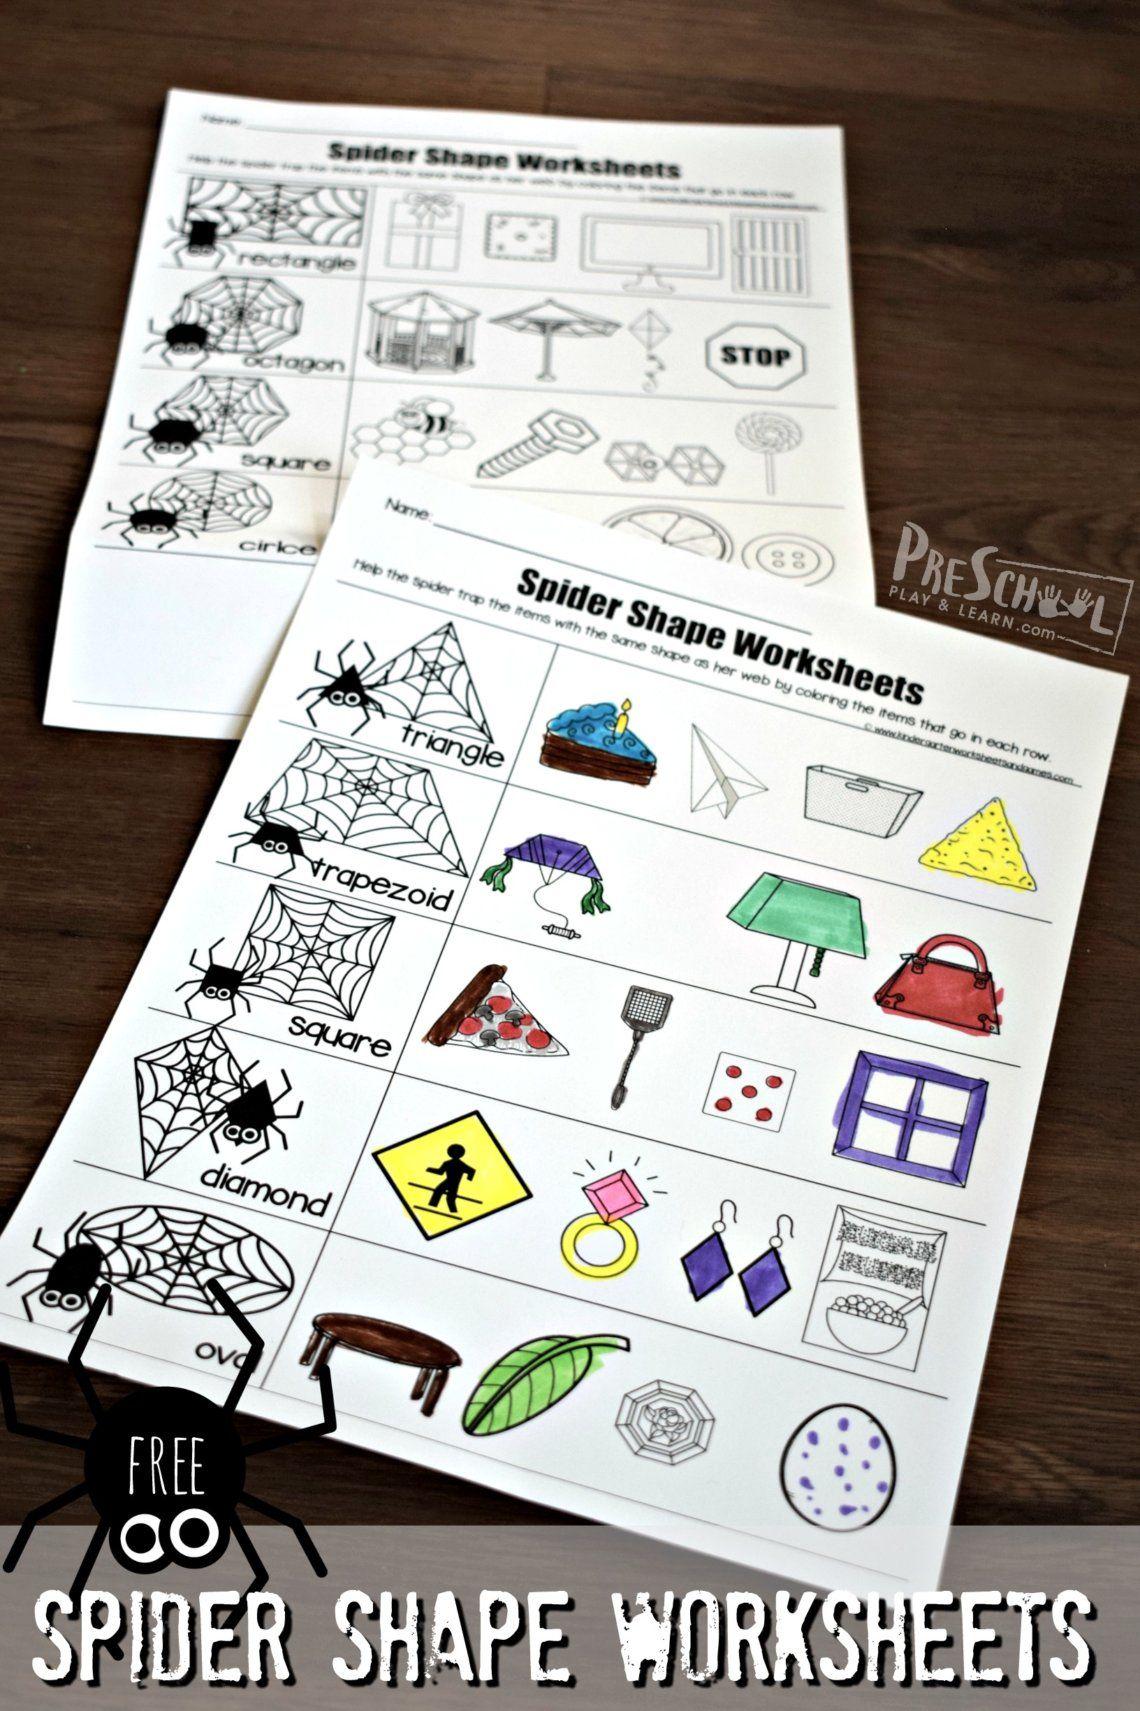 Free Spider Shape Worksheets